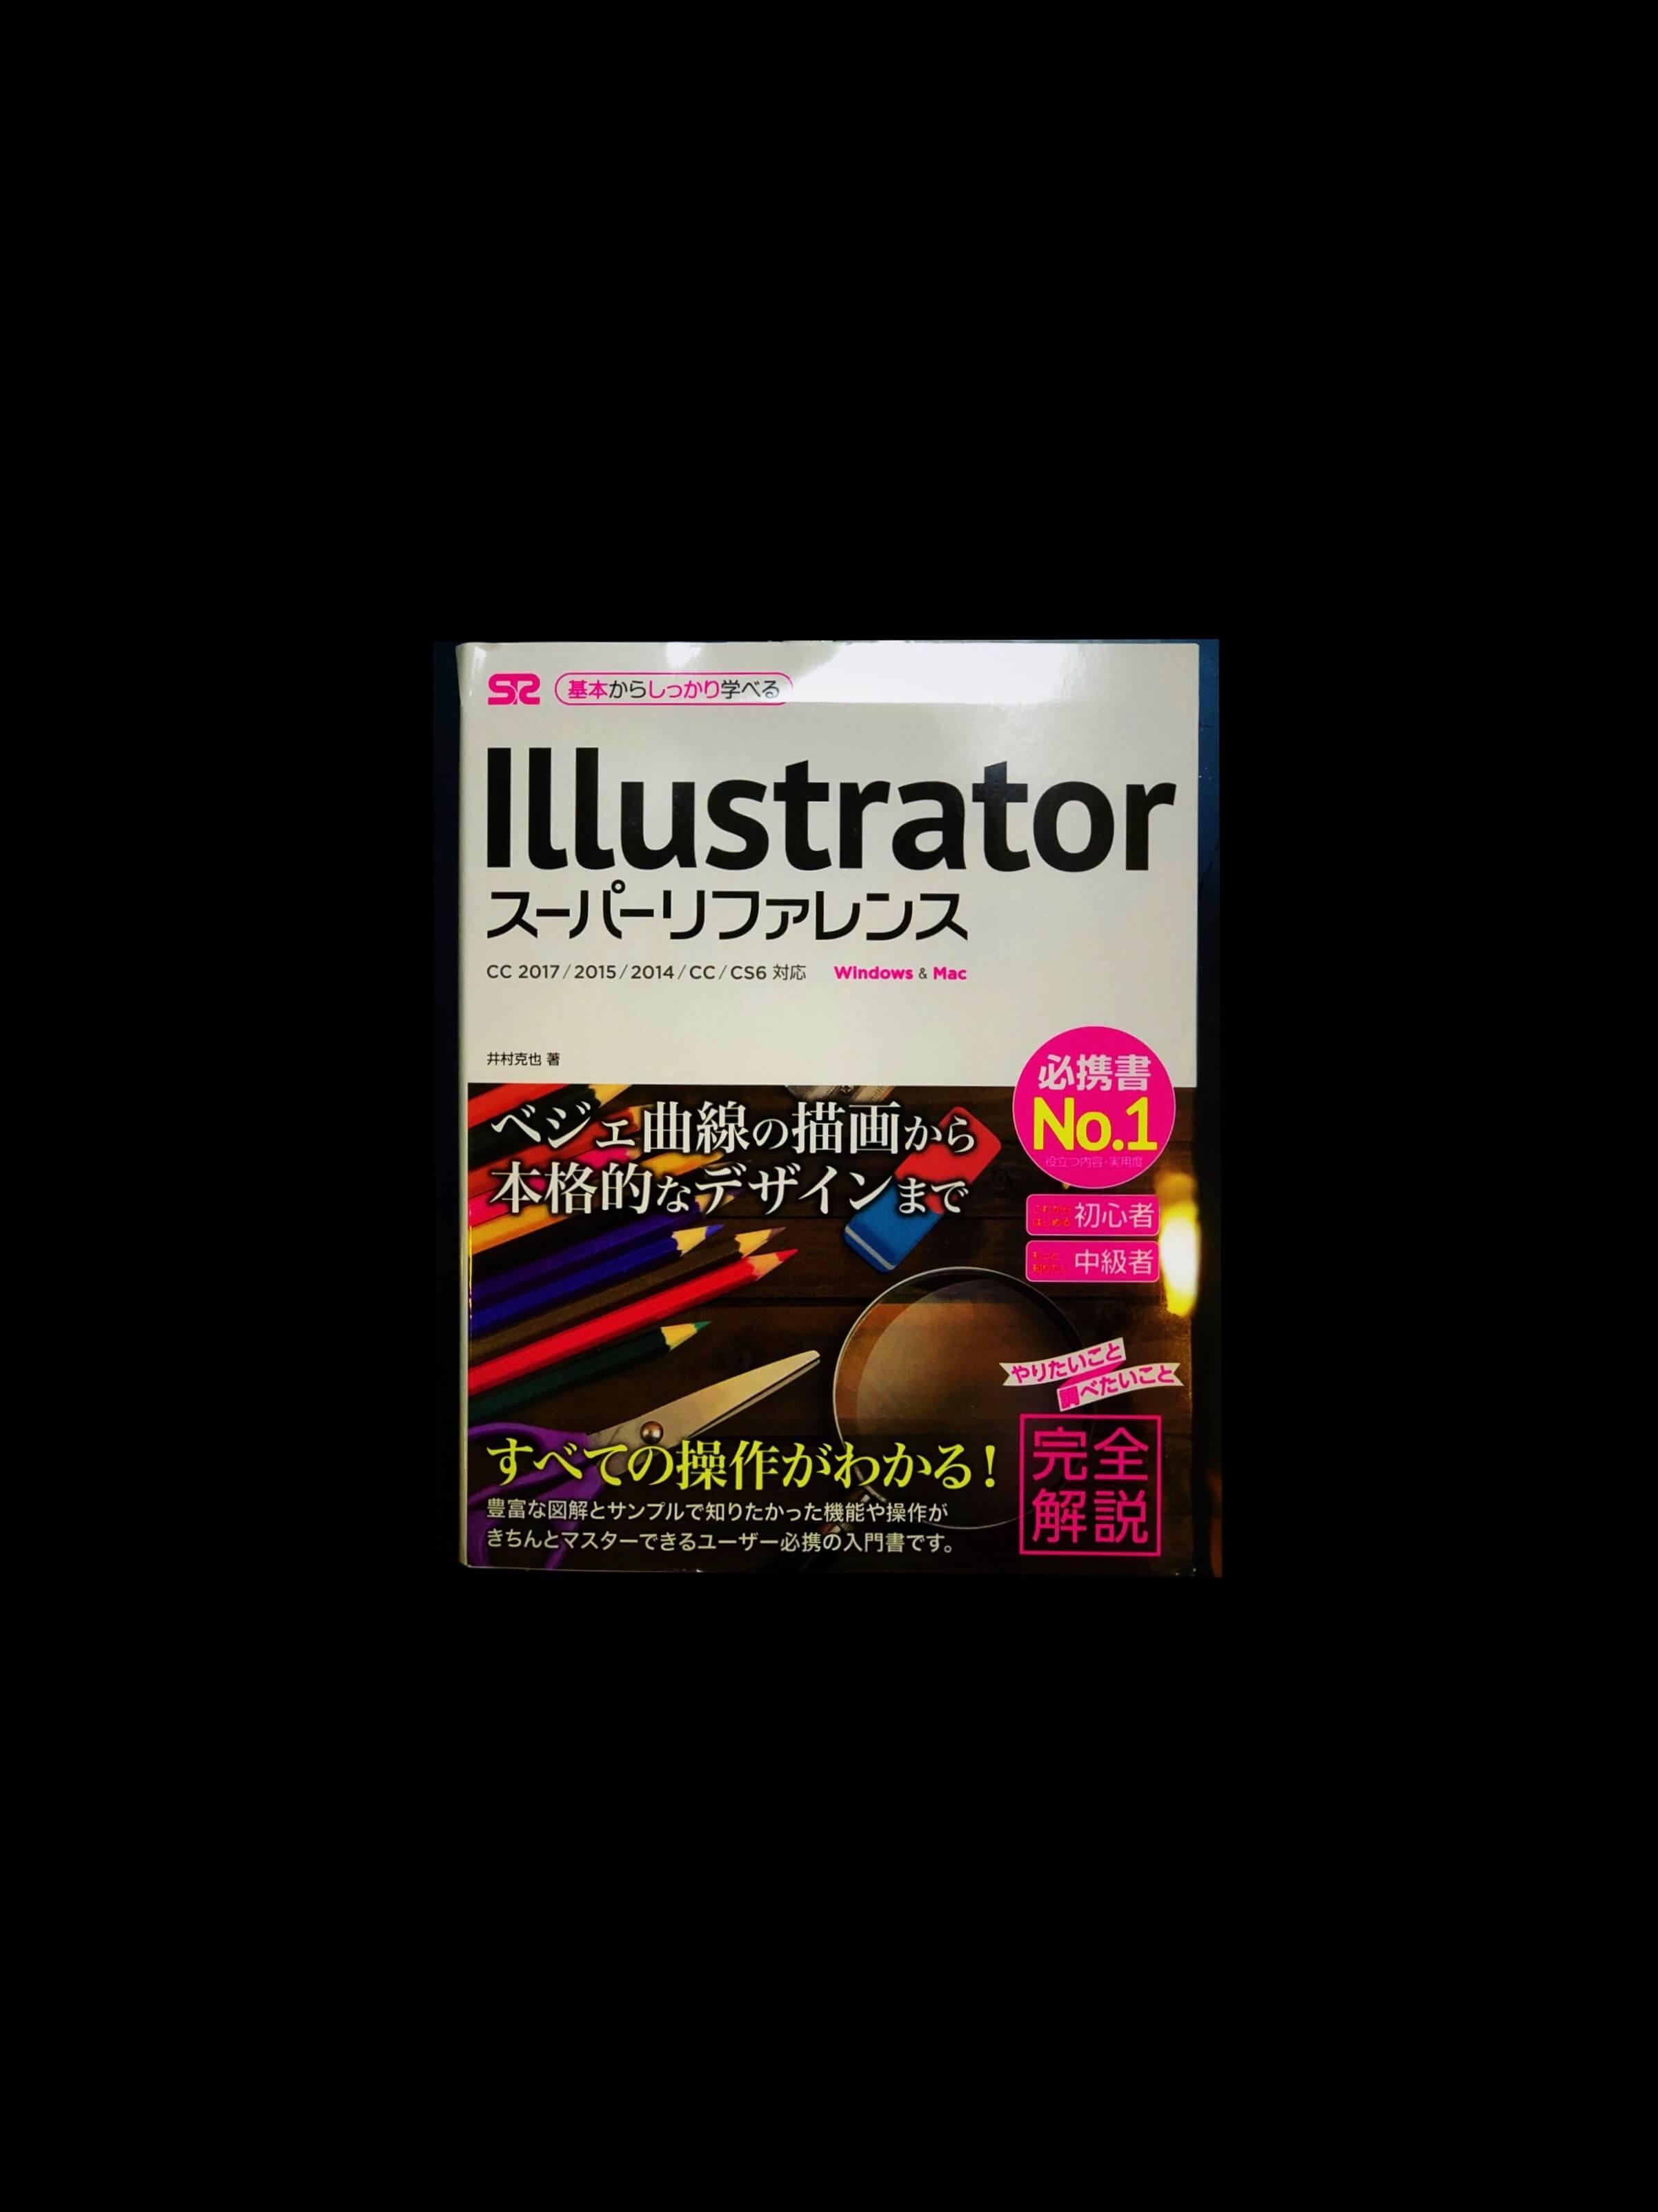 【書評】イラレで困ったらこの本に頼ろう!知りたいことをサクッと調べられる辞書的本「Illustrator スーパーリファレンス」